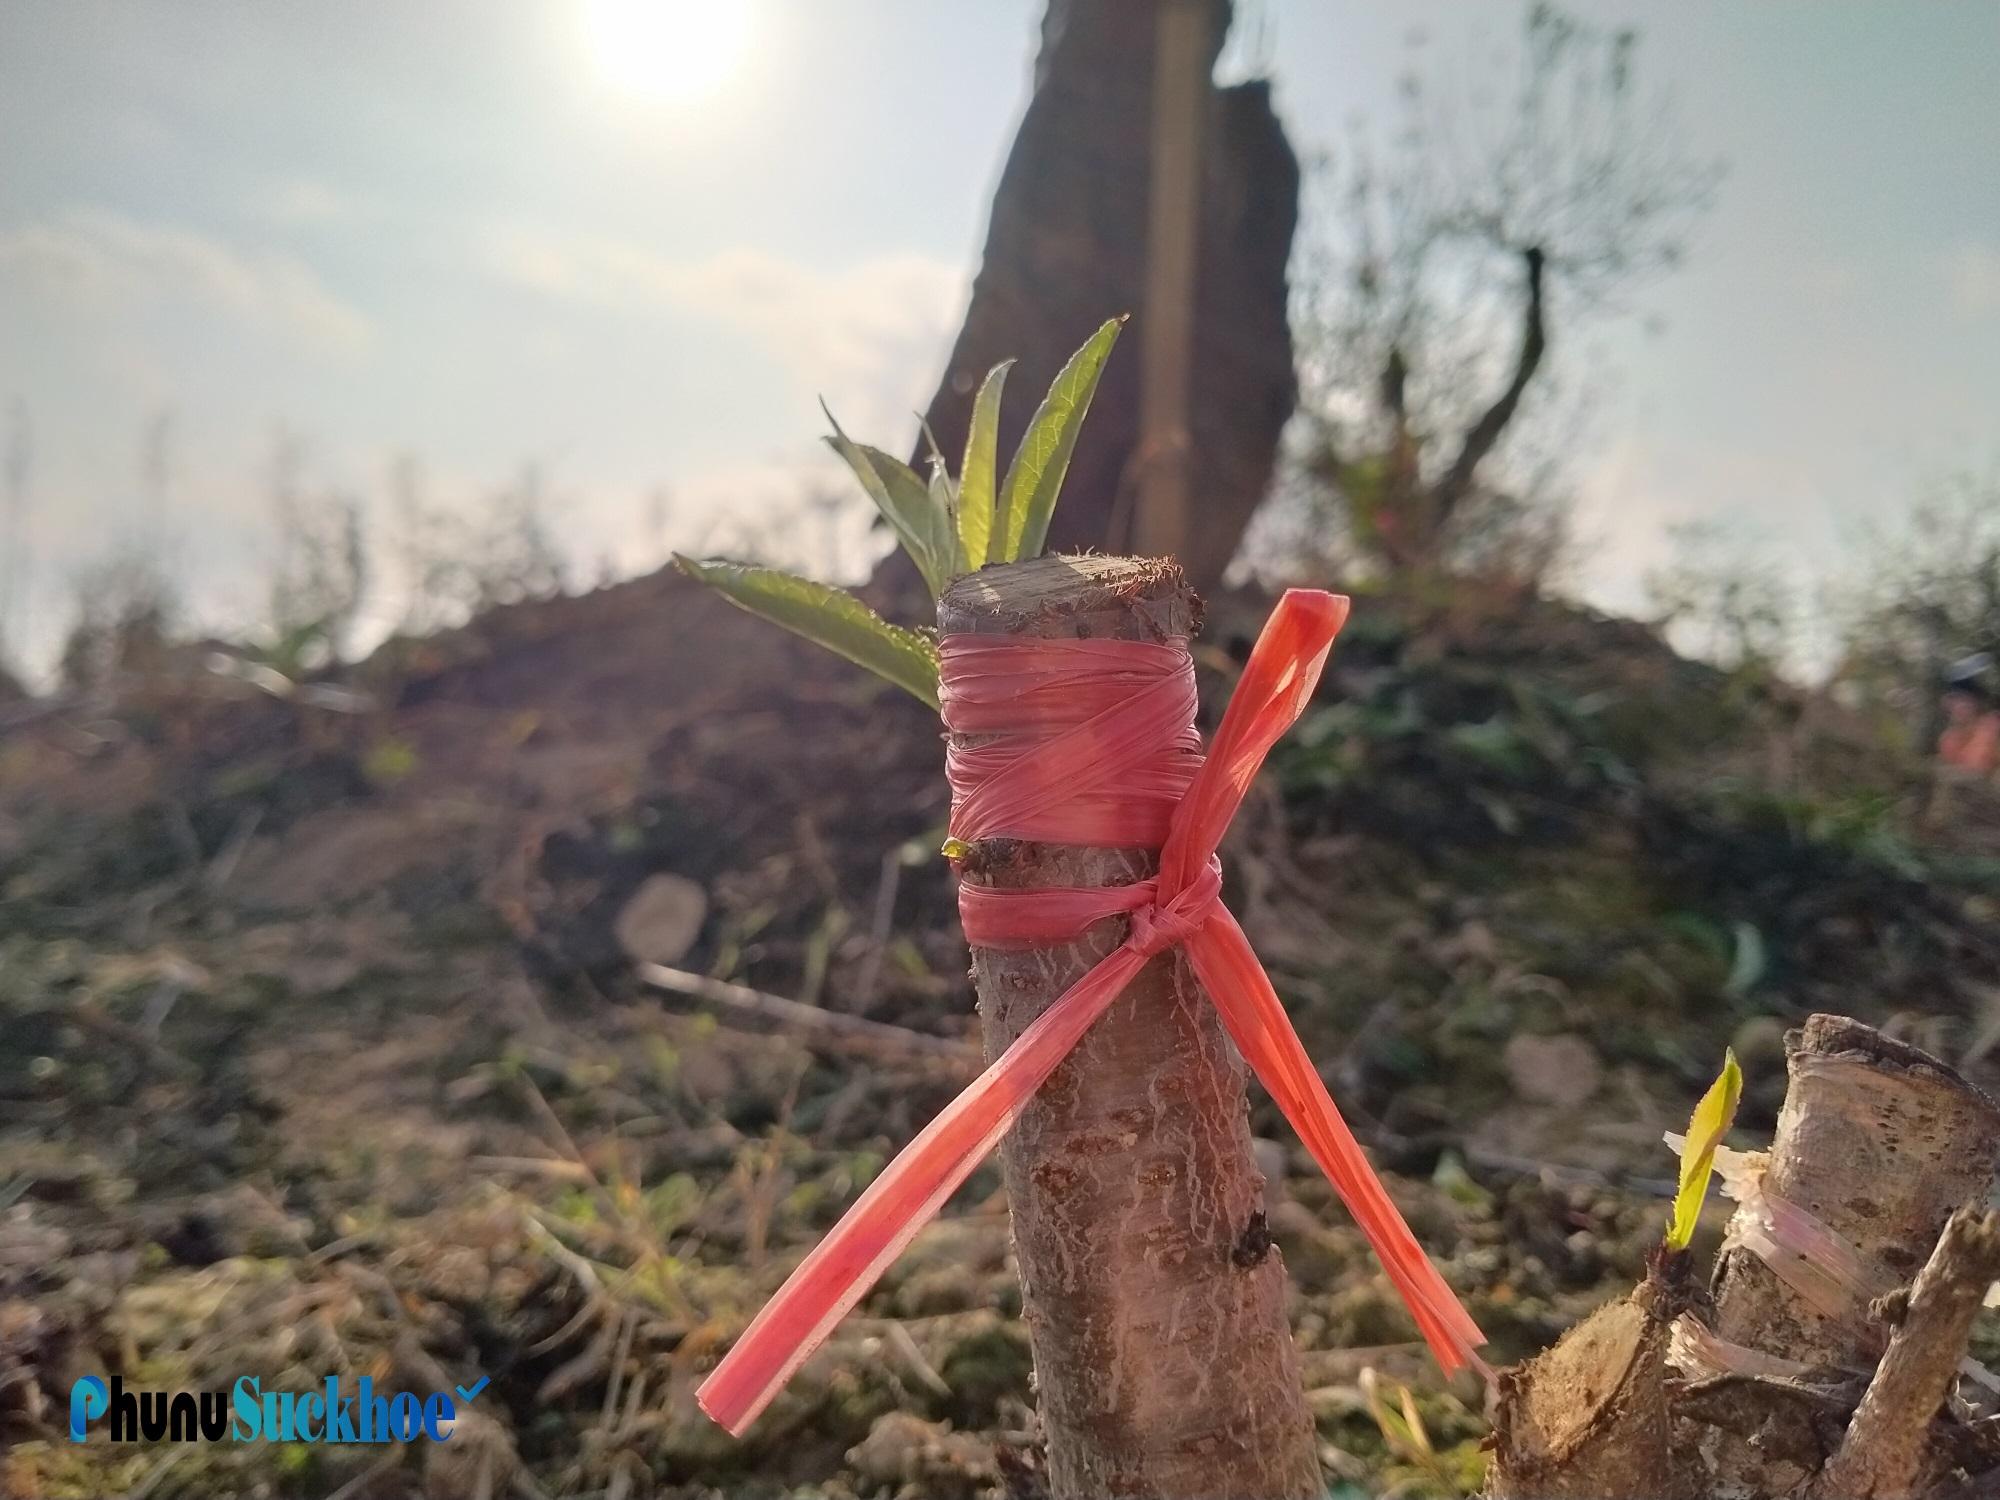 """Chùm ảnh: Hoa đào nở sớm rực rỡ, người trồng đào thấp thỏm lo """"mất Tết"""" - Ảnh 10"""